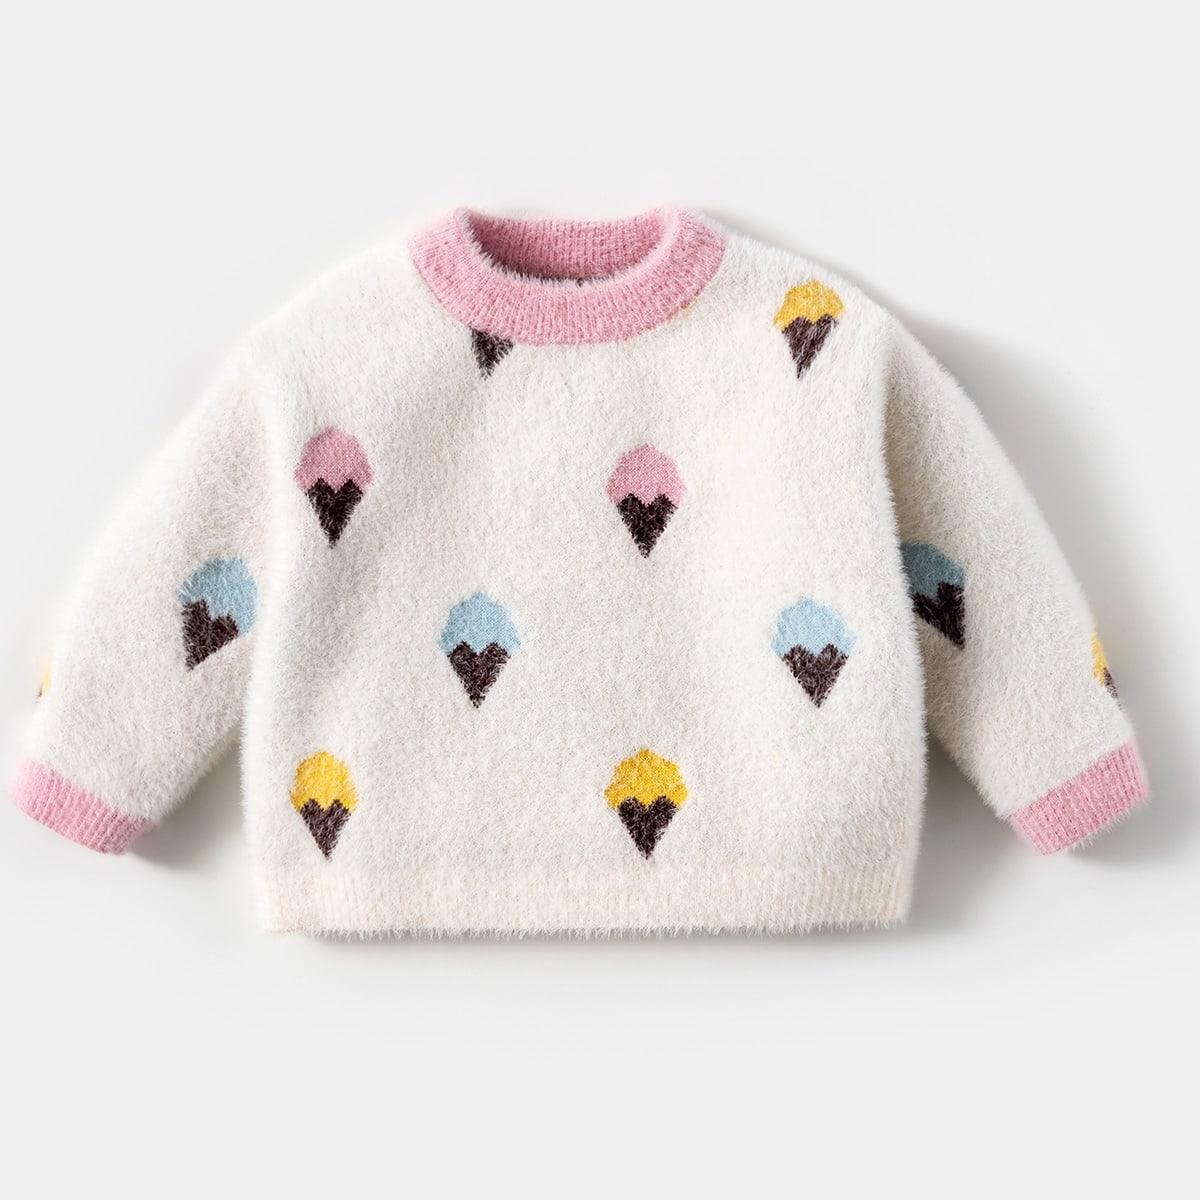 Графический принт повседневный свитеры для девочек